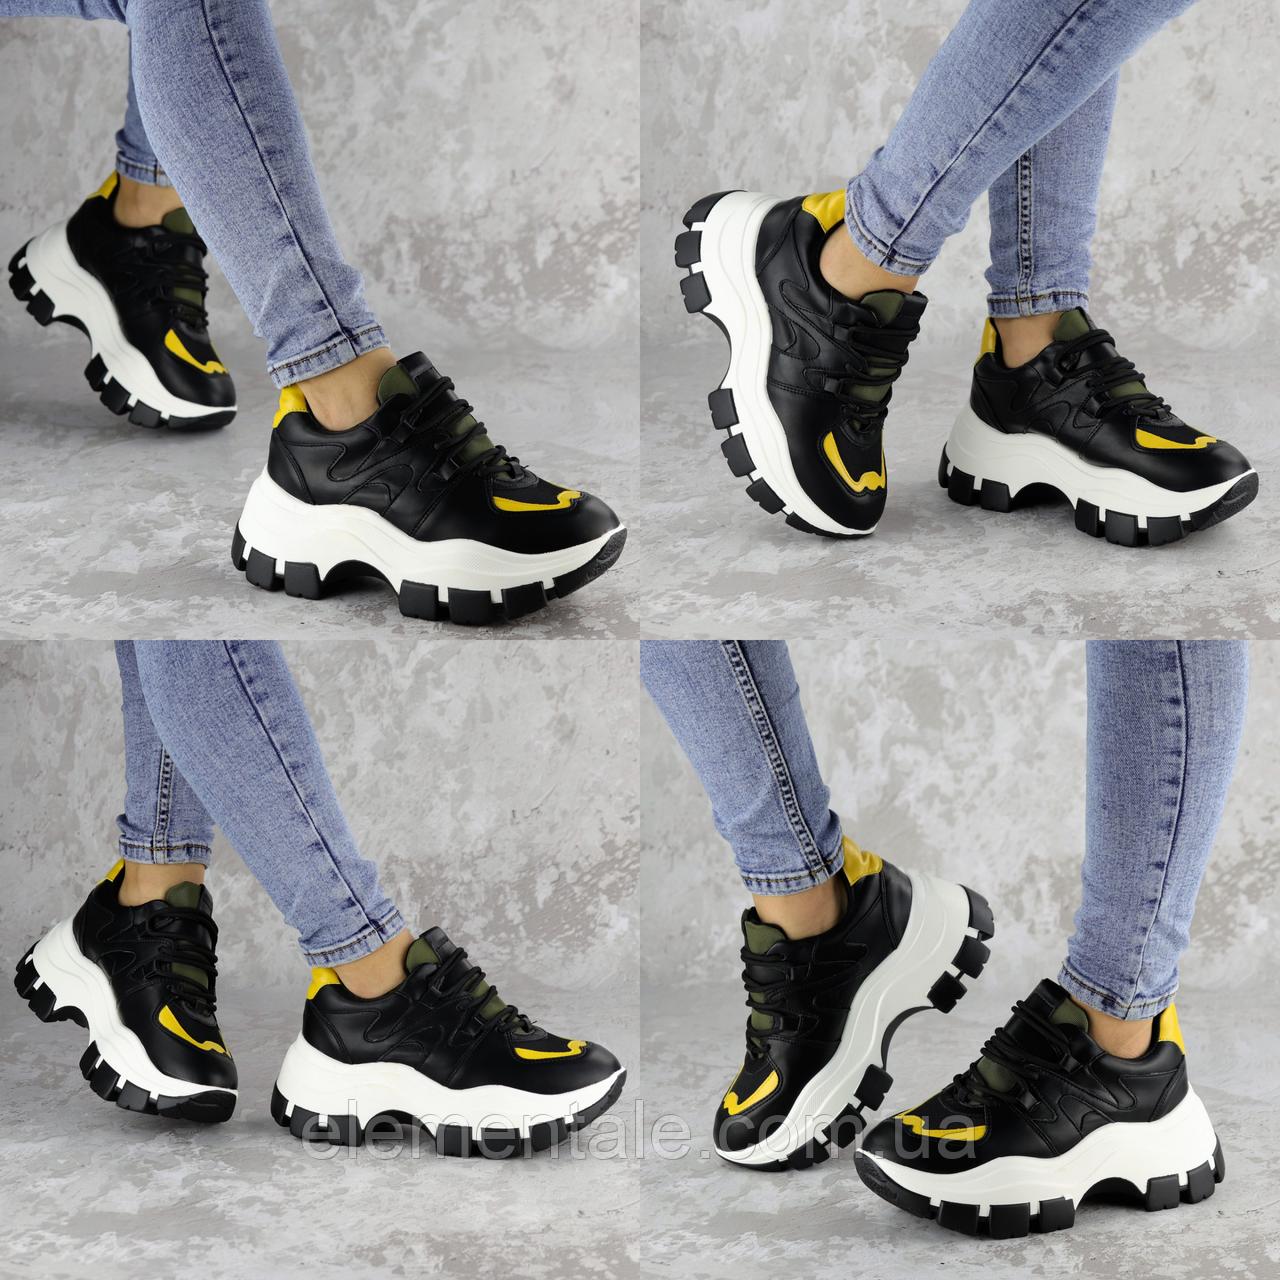 Кроссовки женские Fashion Andre 2173 36 размер 22,5 см Черный Размер 36 - 22,5 см